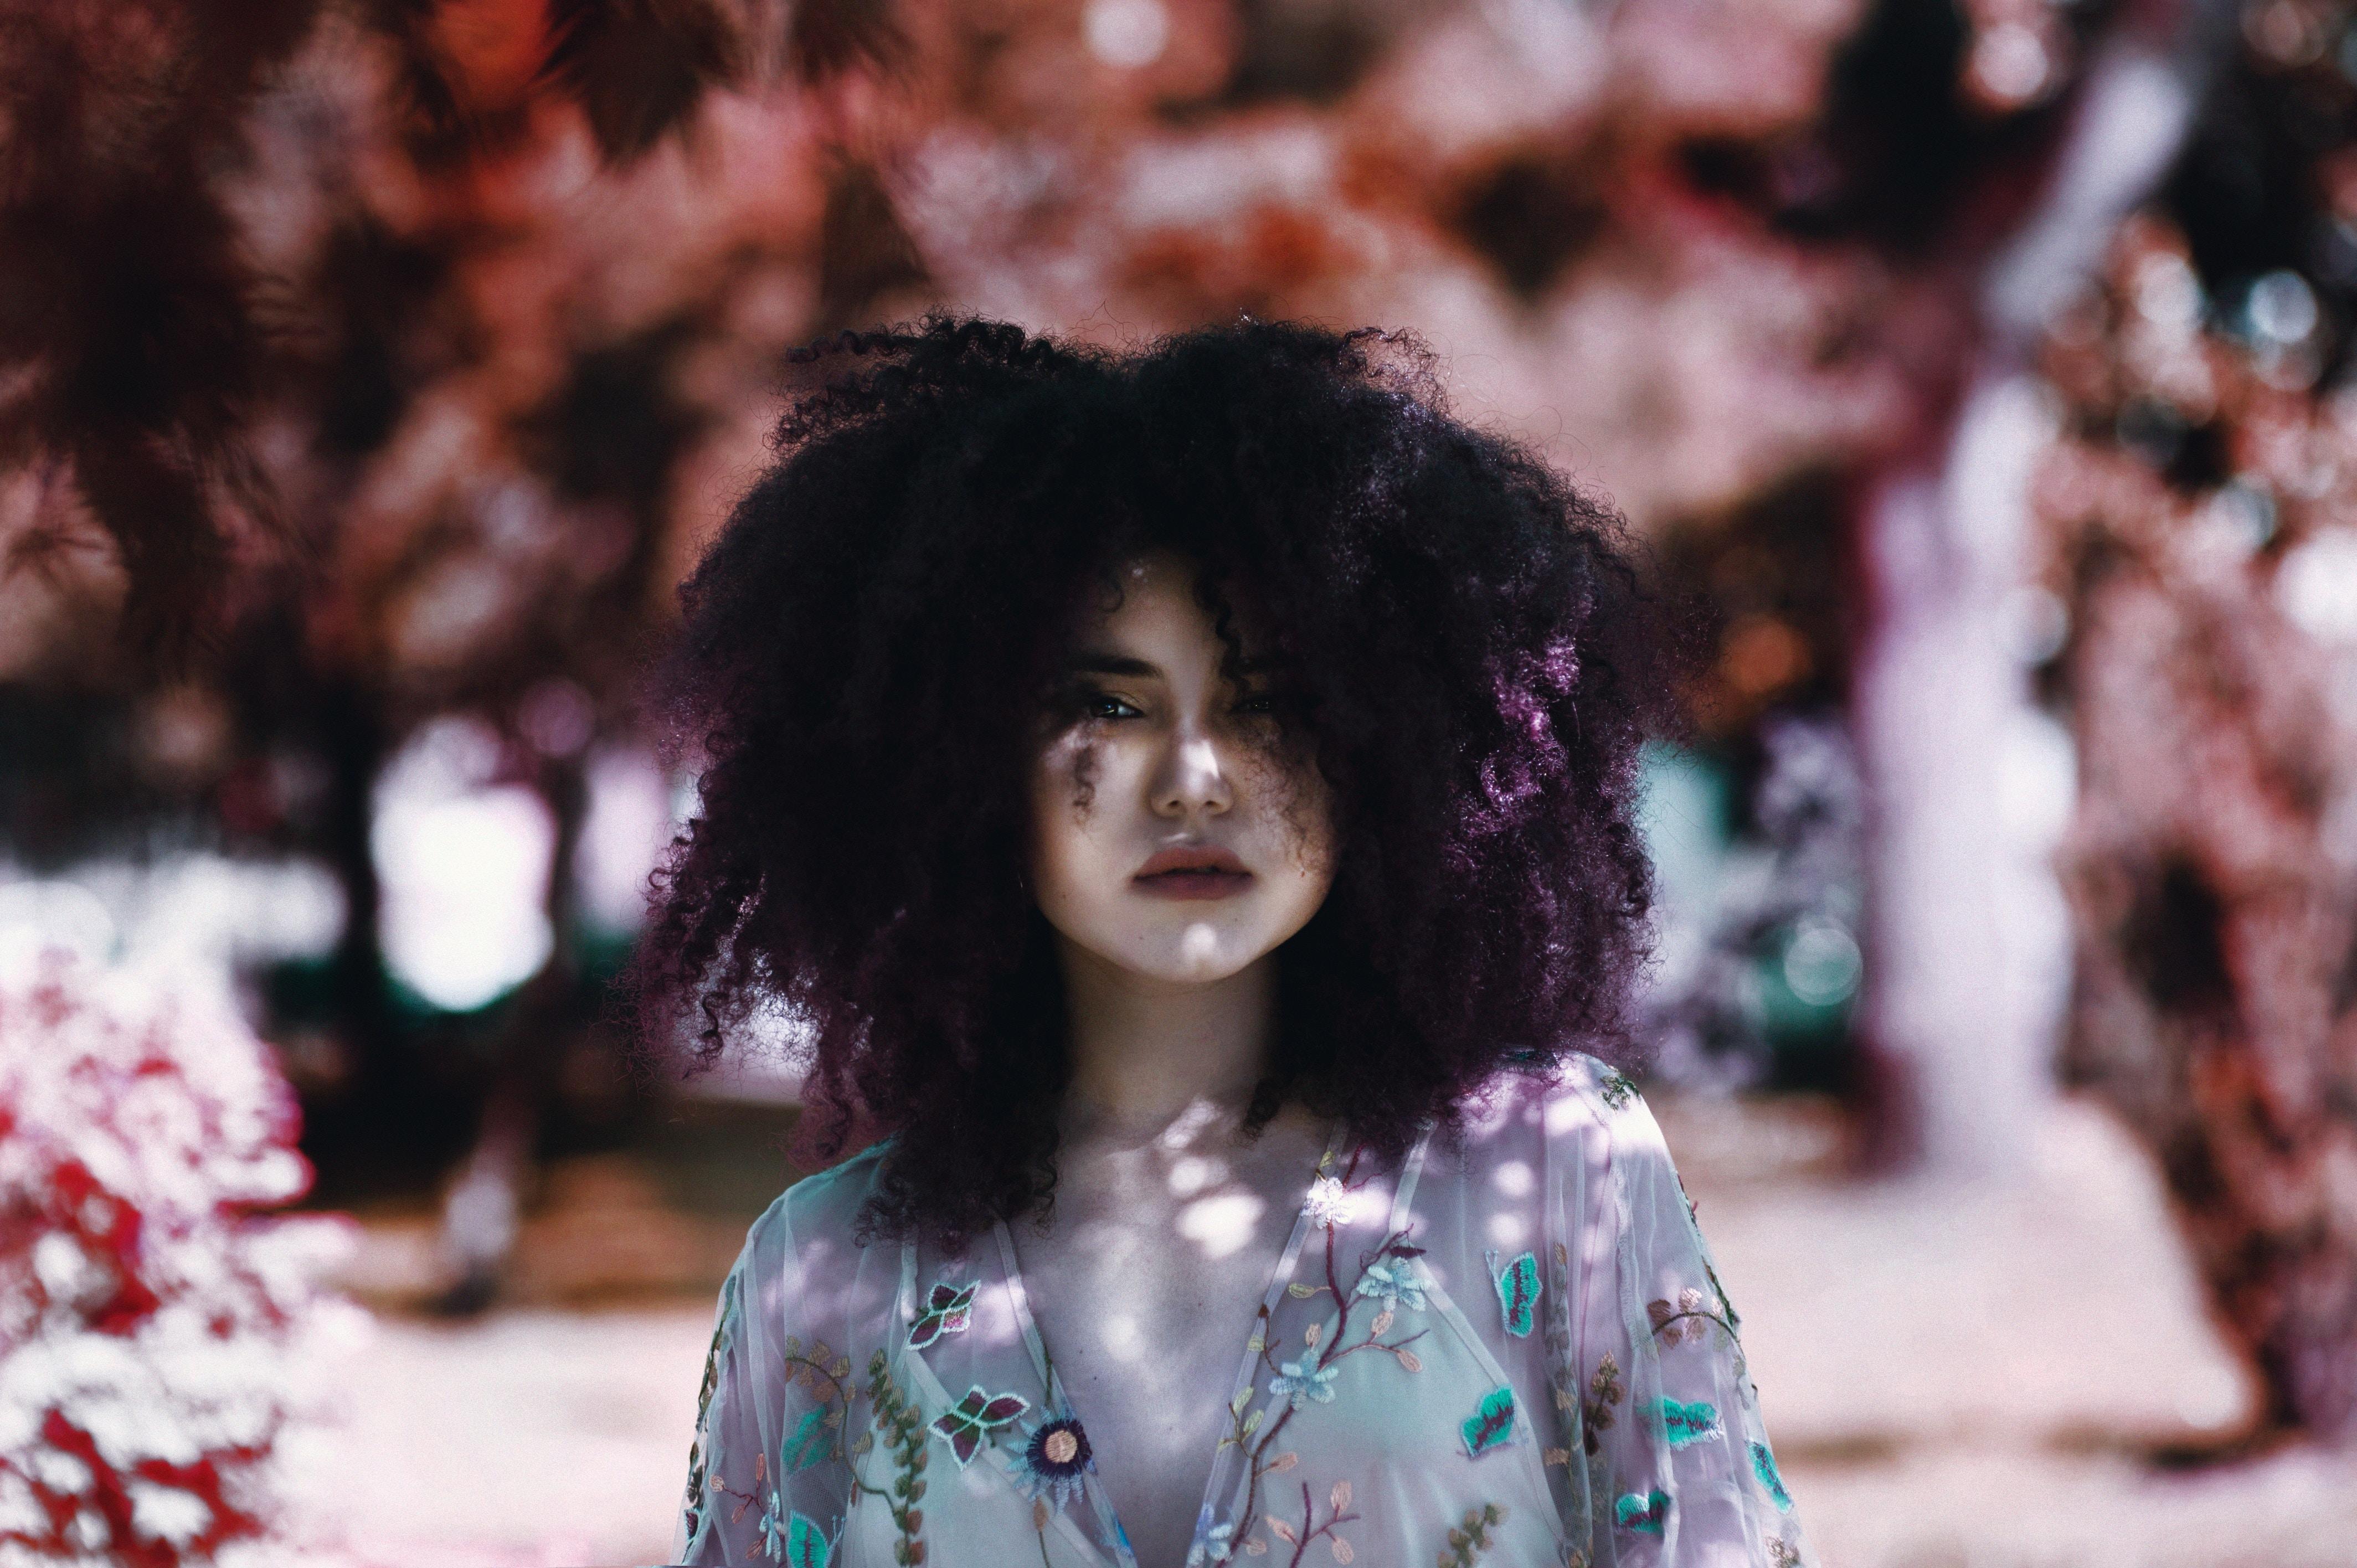 cortes de cabelo feminino 2020 5 - Cortes de cabelo feminino 2020: tendências para cacheados e crespos